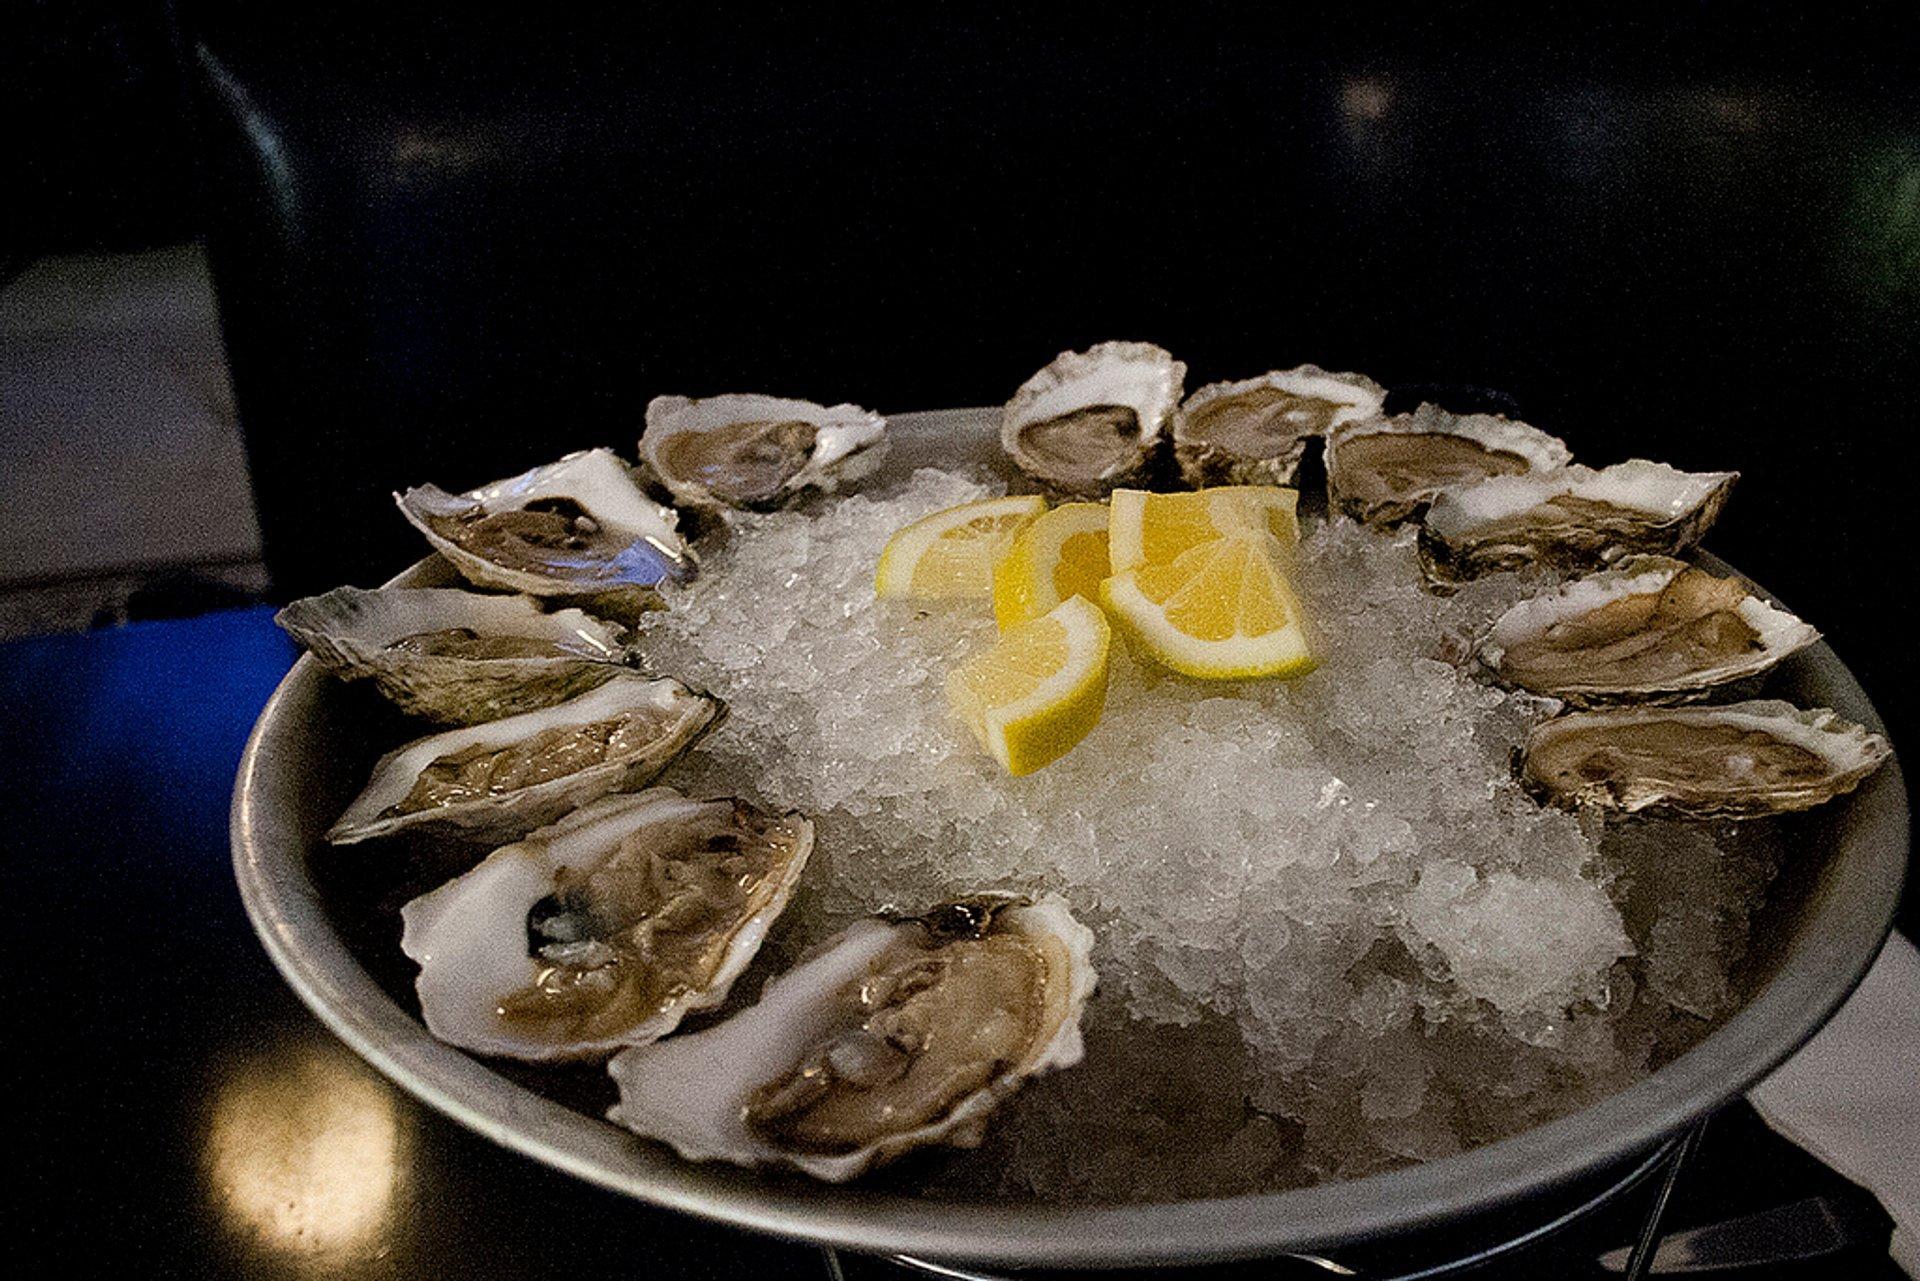 Oysters in Boston - Best Season 2020